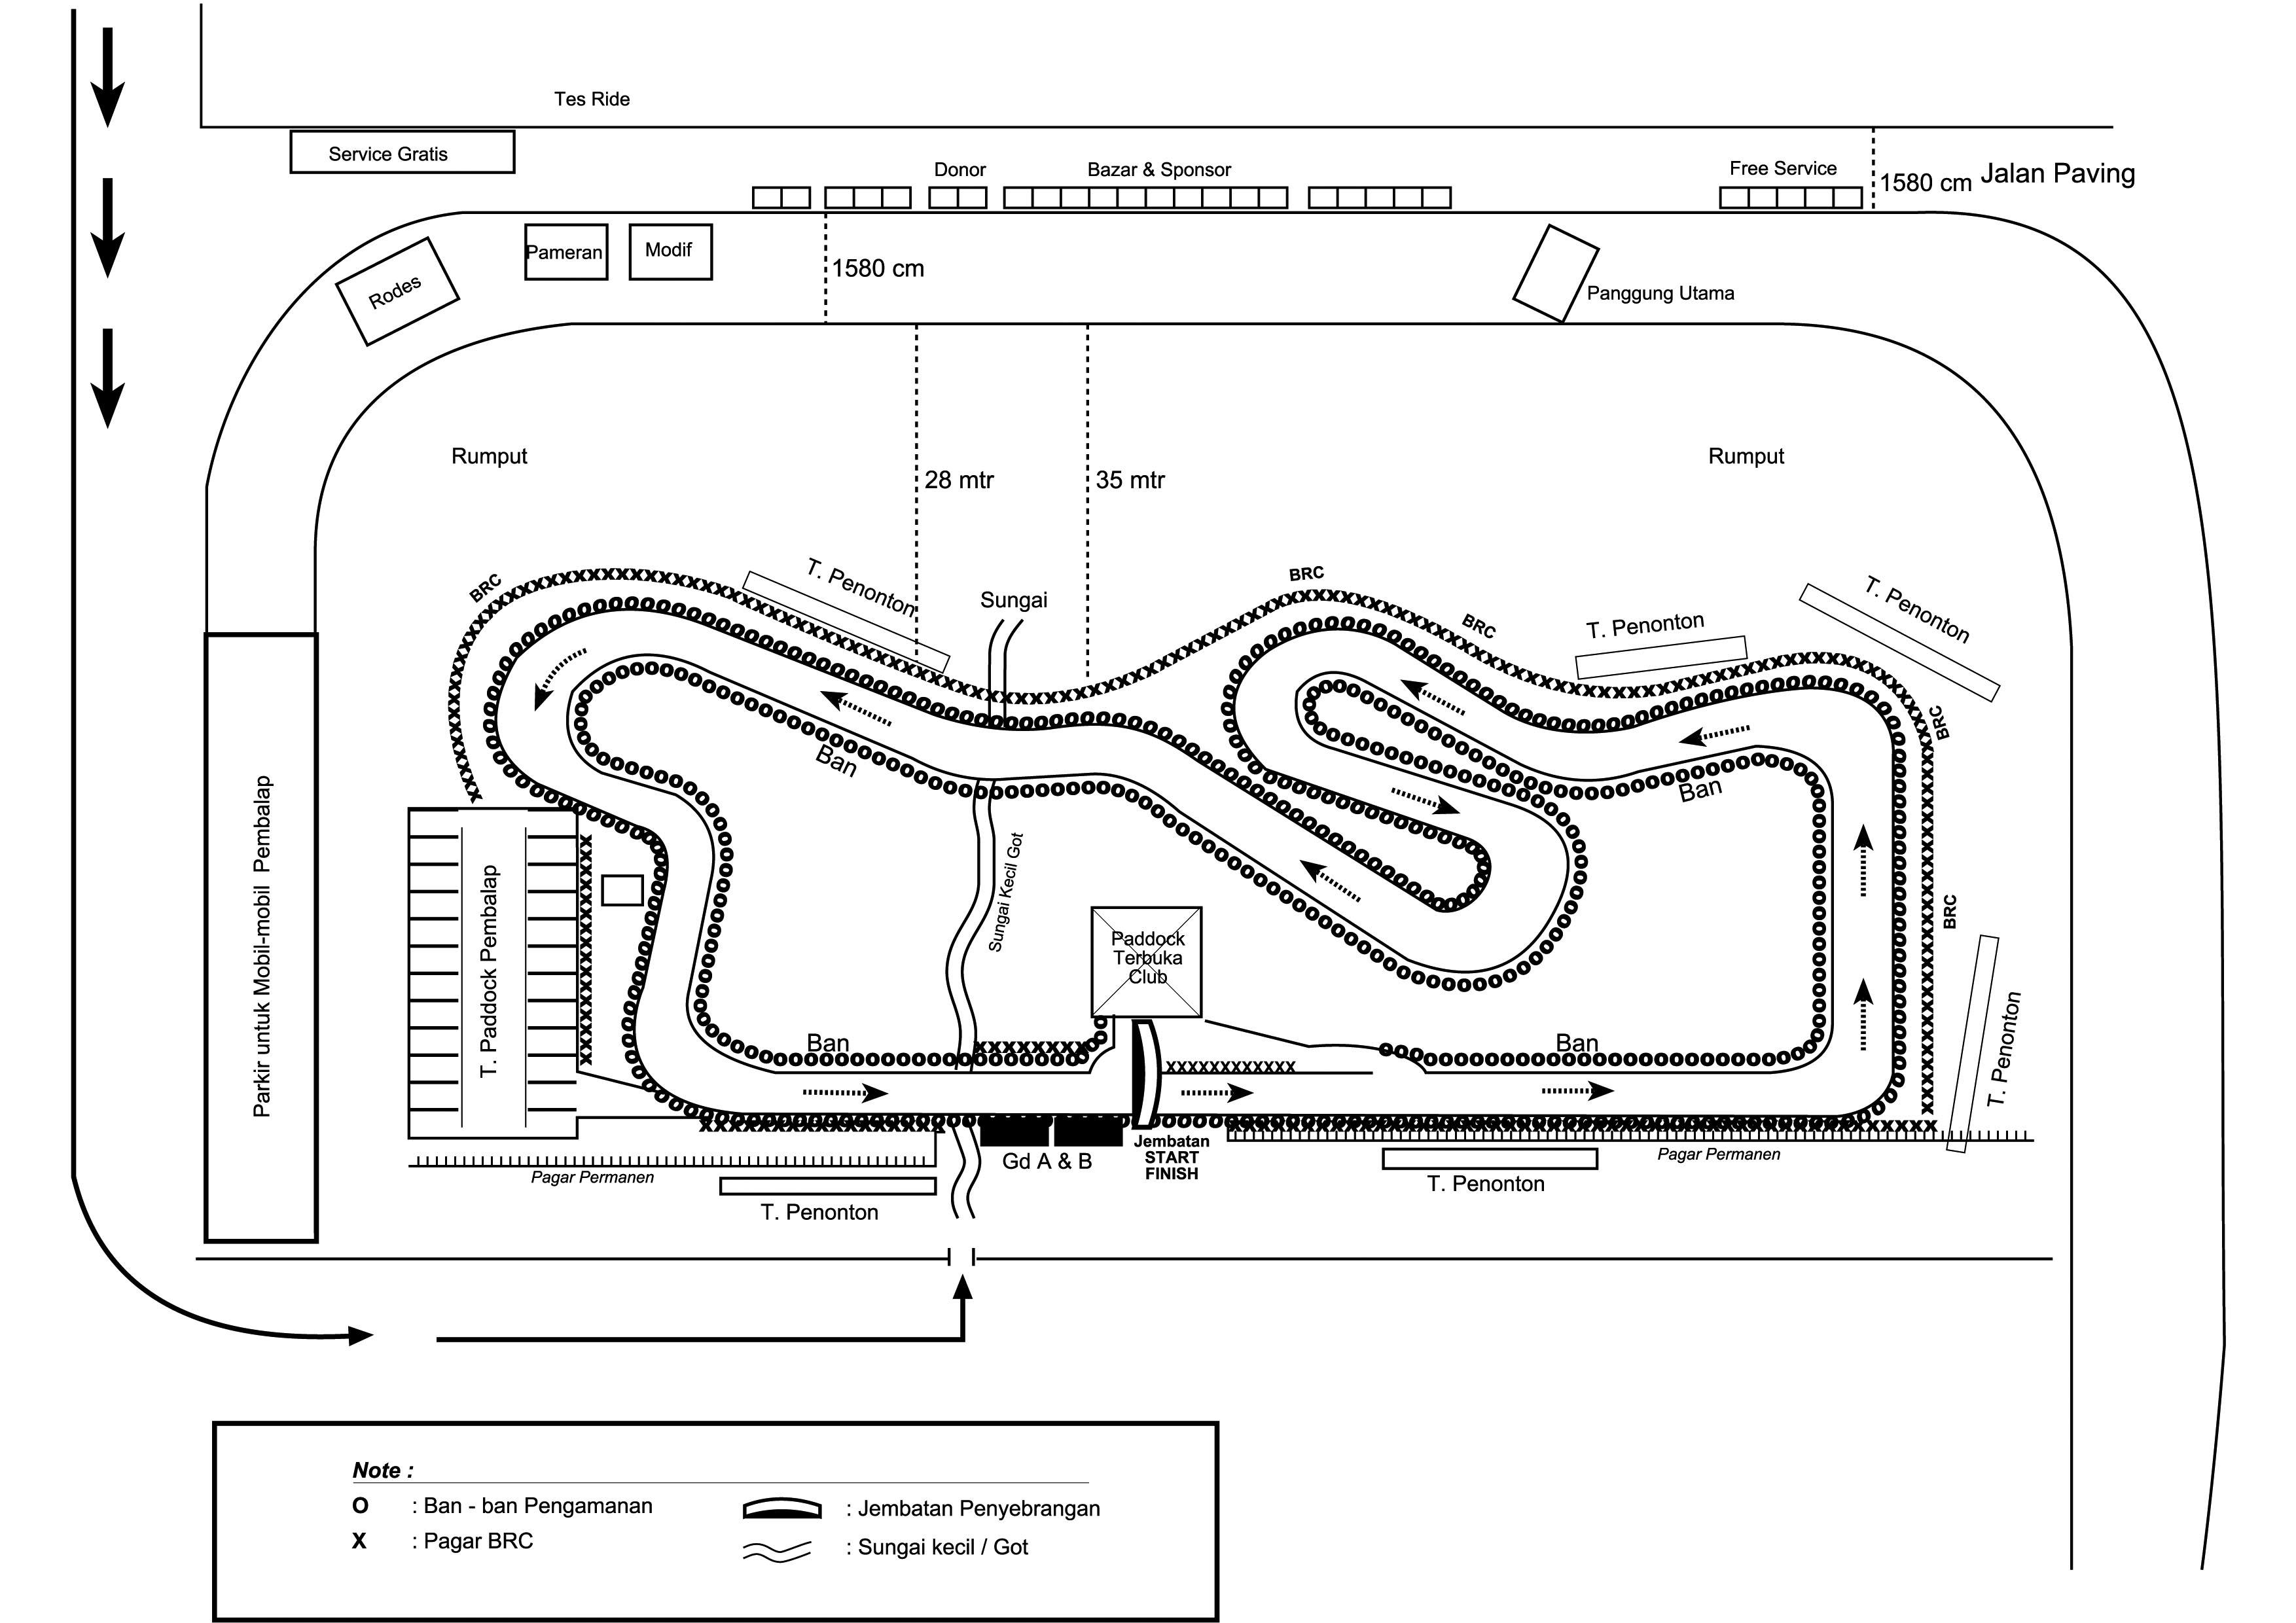 Kumpulan Gambar Wiring Diagram Sepeda Motor Terlengkap